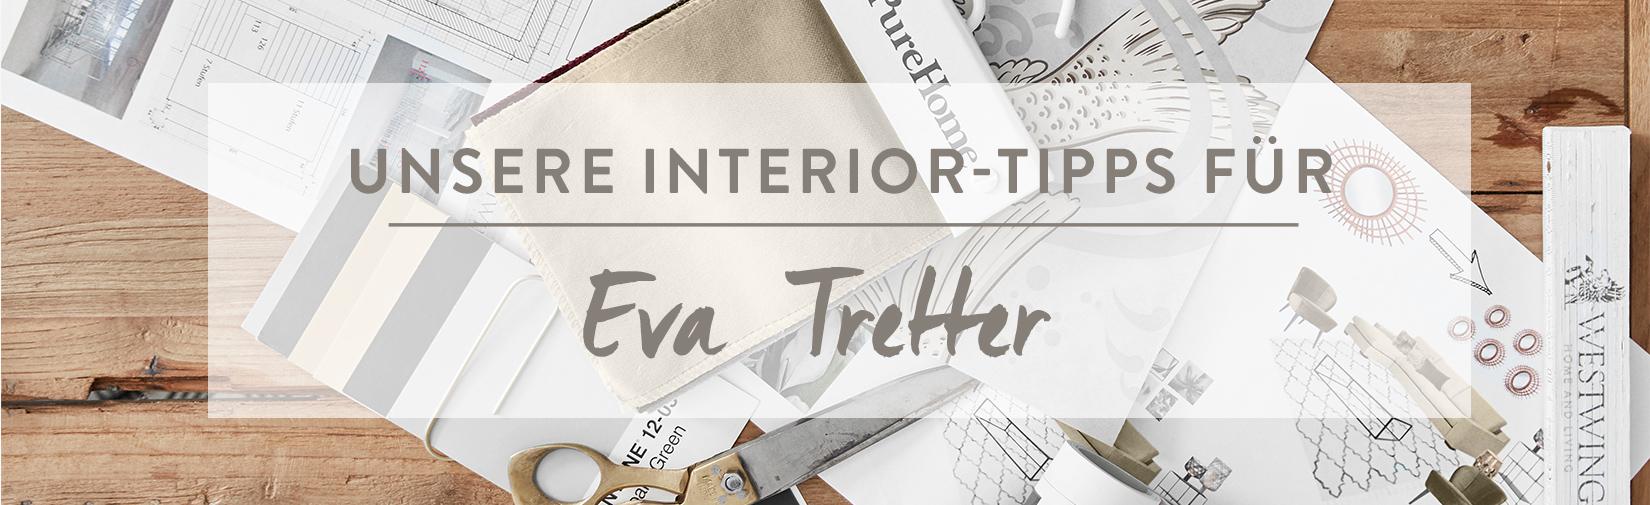 Eva_Tretter_Desktop